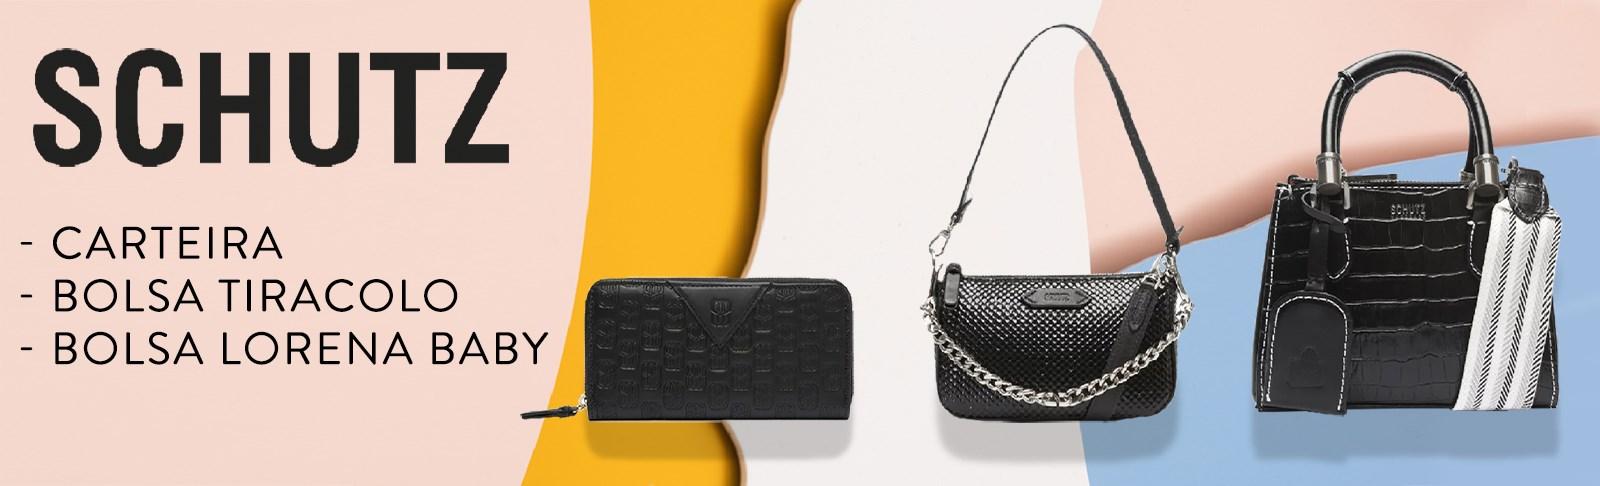 Anita Shoes - Calçados e Acessórios - Feminino Premium - Calçados e Acessórios Femininos da linha Premium. Marca Schutz.